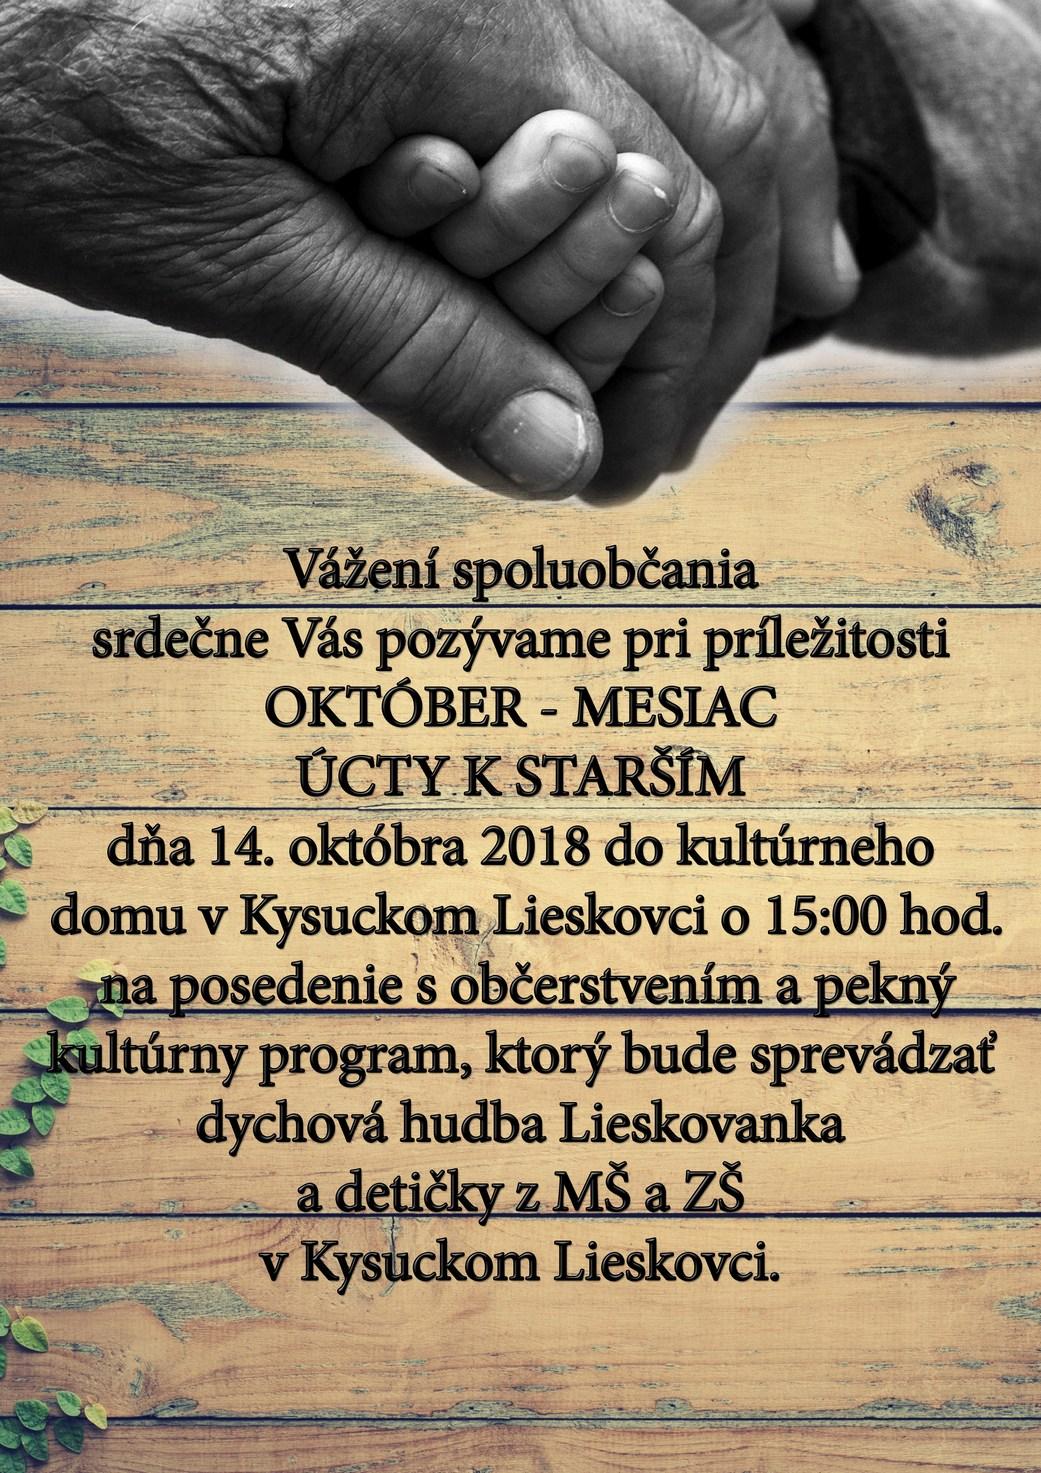 Október - mesiac úcty k starším